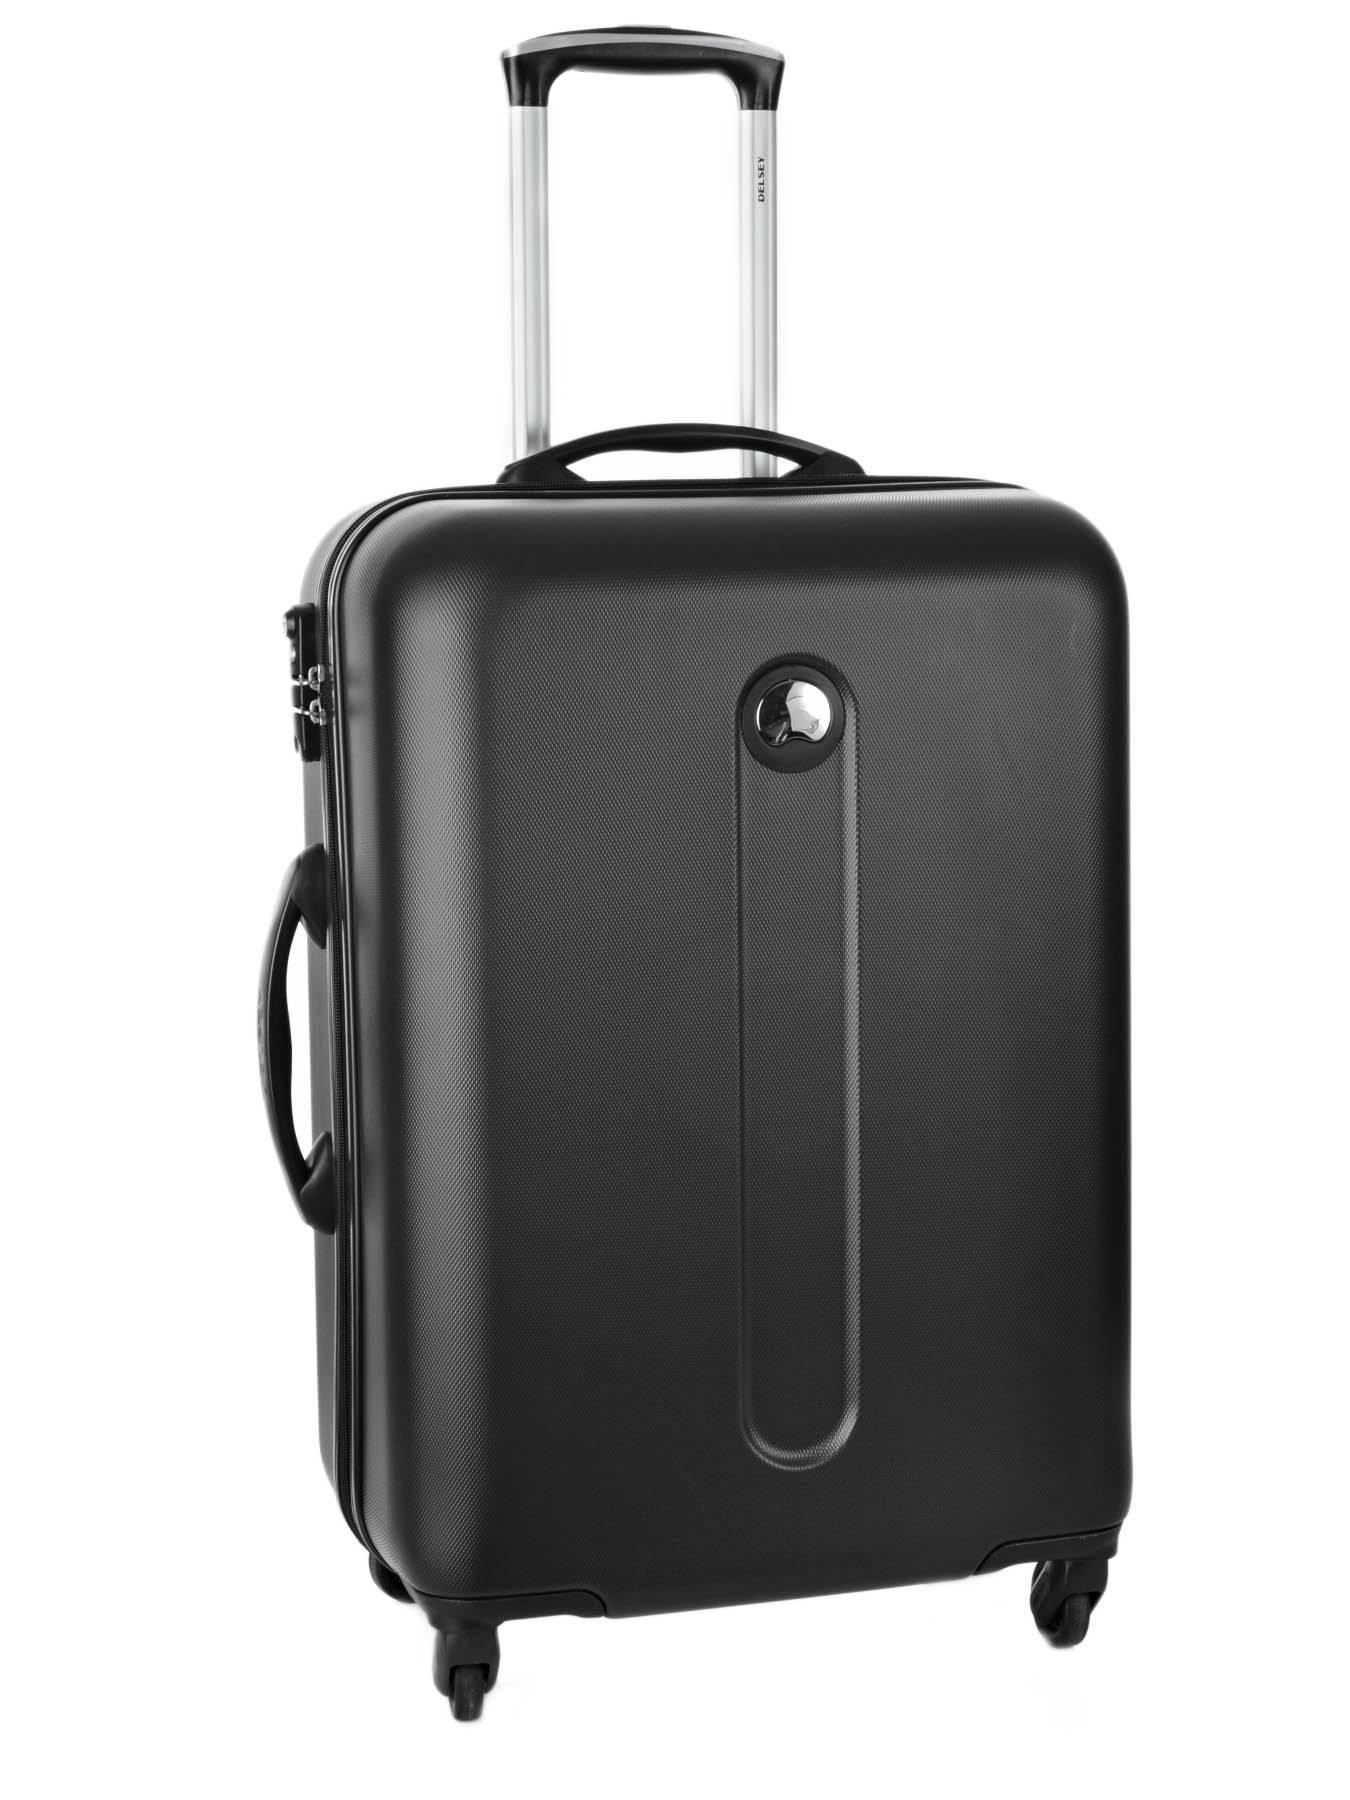 valise rigide delsey helium classic gris en vente au meilleur prix. Black Bedroom Furniture Sets. Home Design Ideas